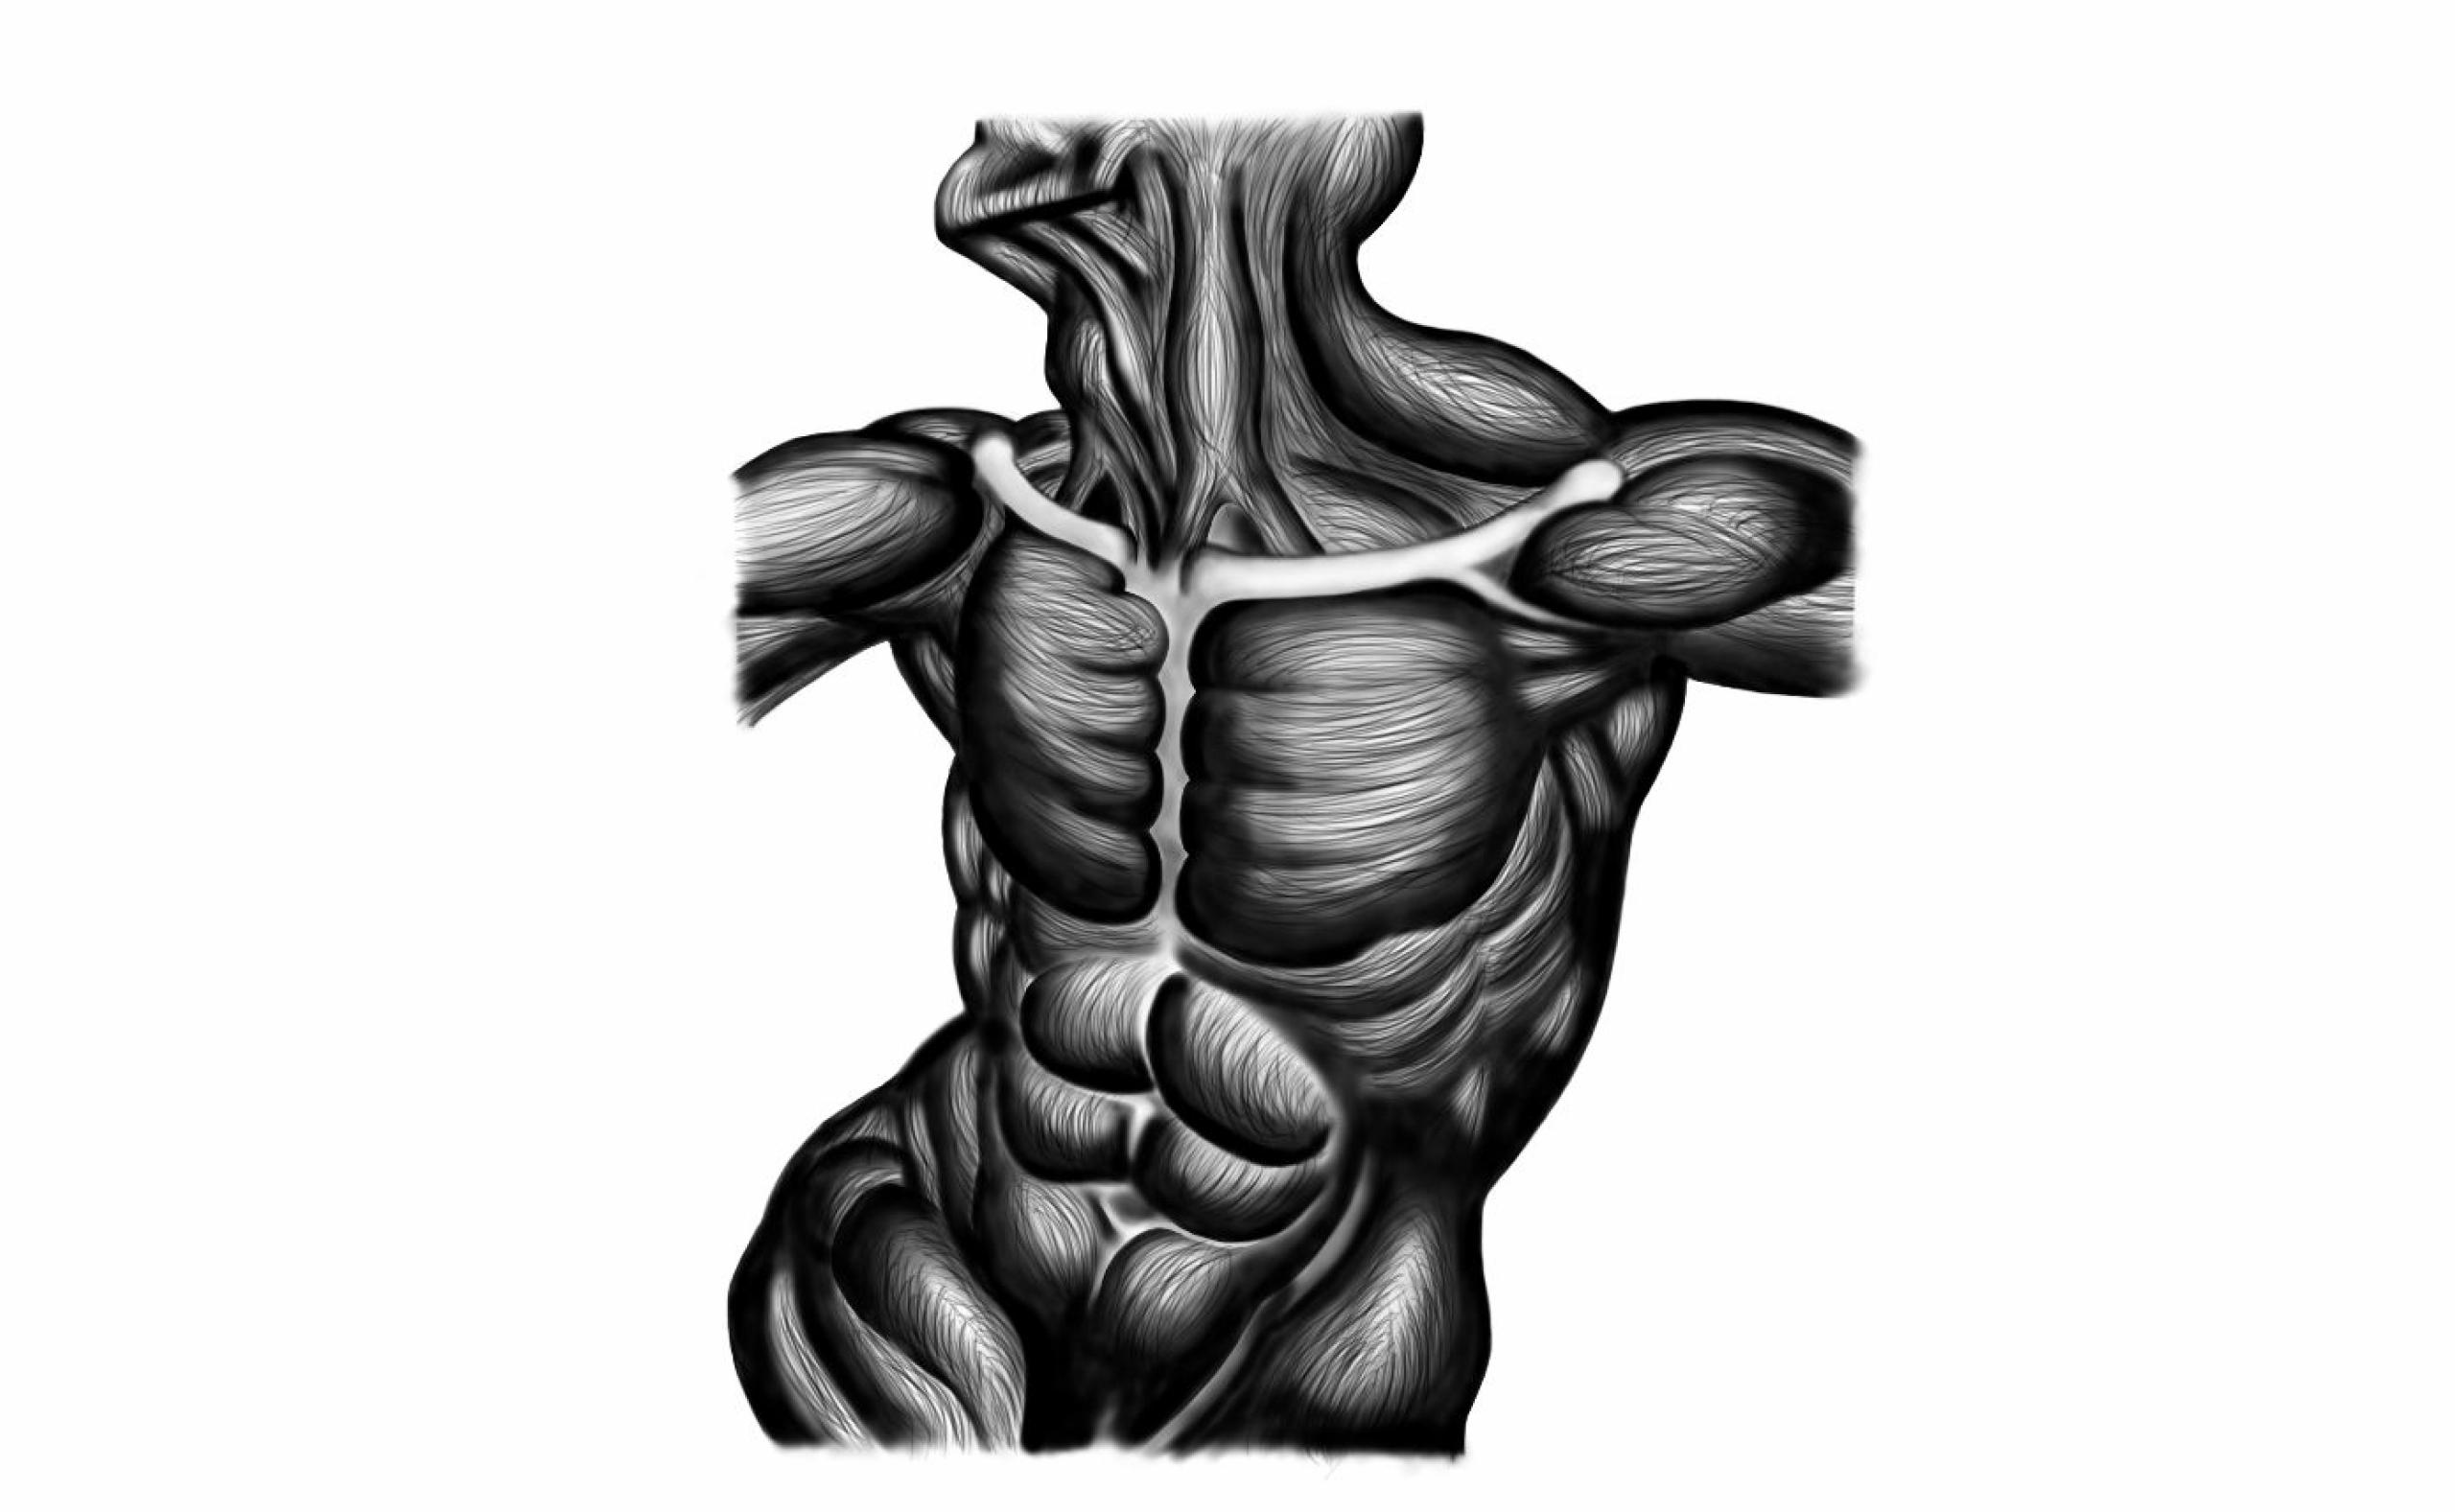 Estudio de músculos del cuerpo humano\' por Rodrigo Ortega | Worktrait